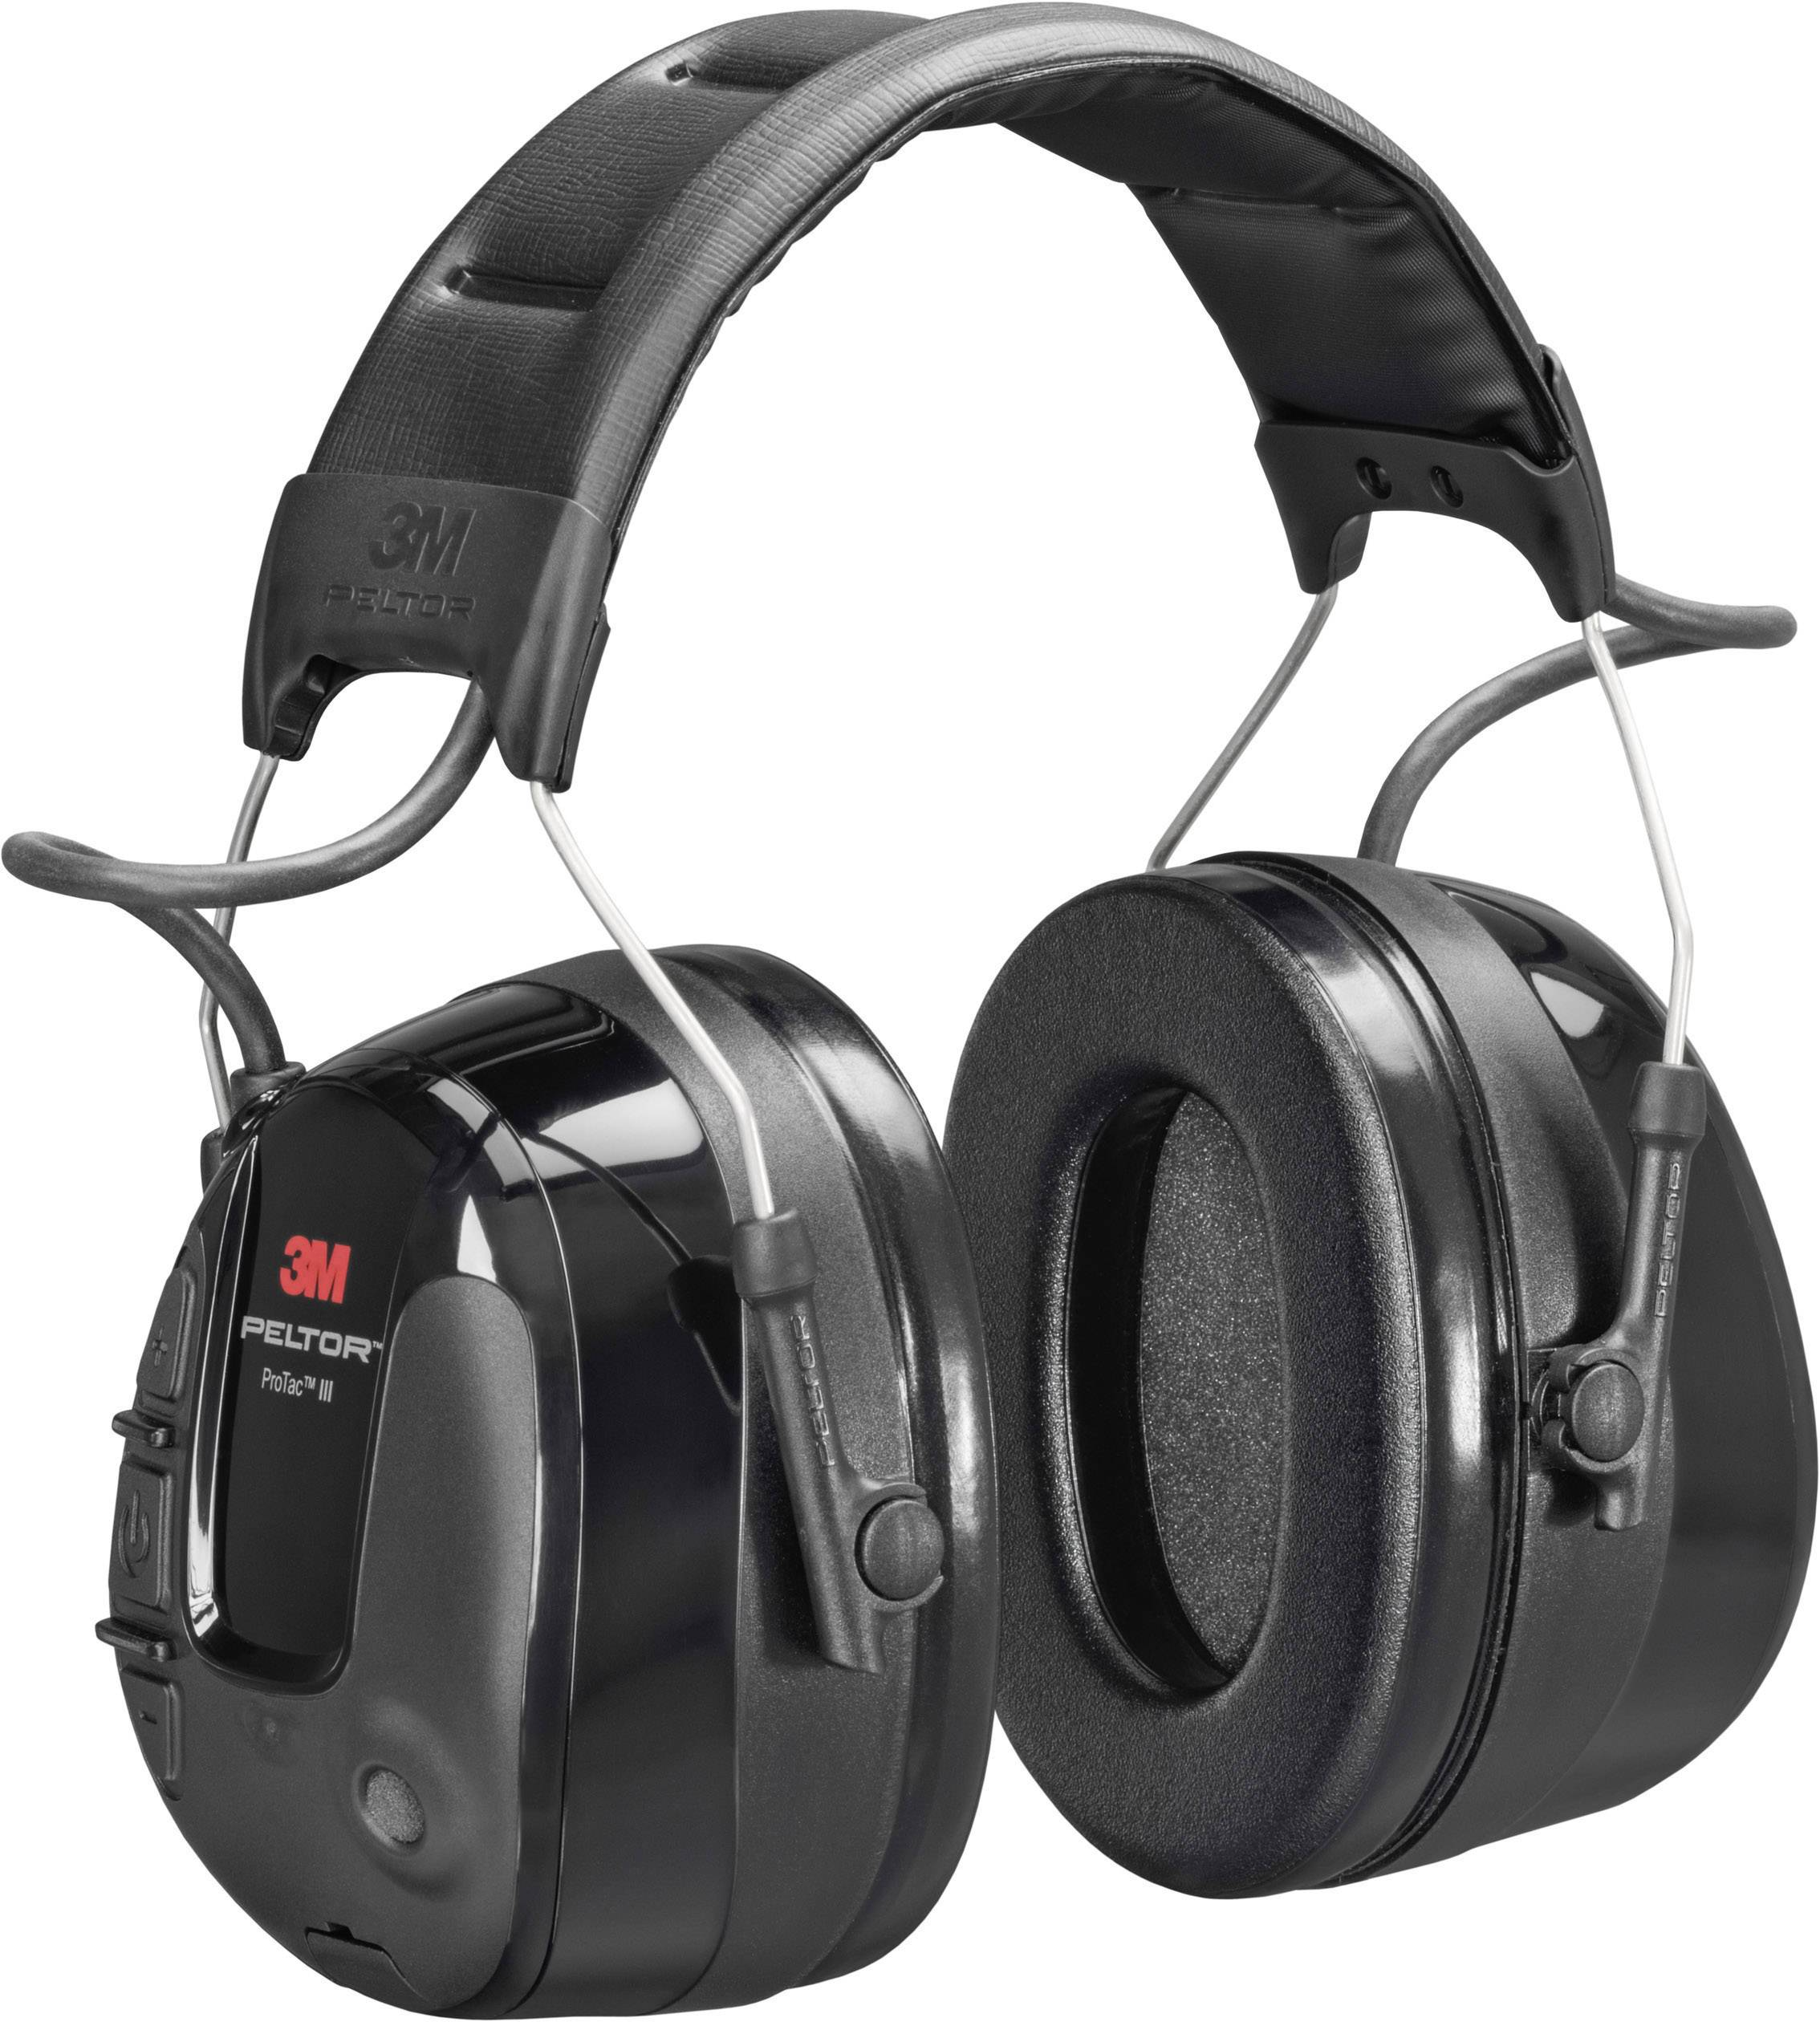 Mušlový chránič sluchu proti impulzním zvukům 3M Peltor ProTac III MT13H221A, 32 dB, 1 ks